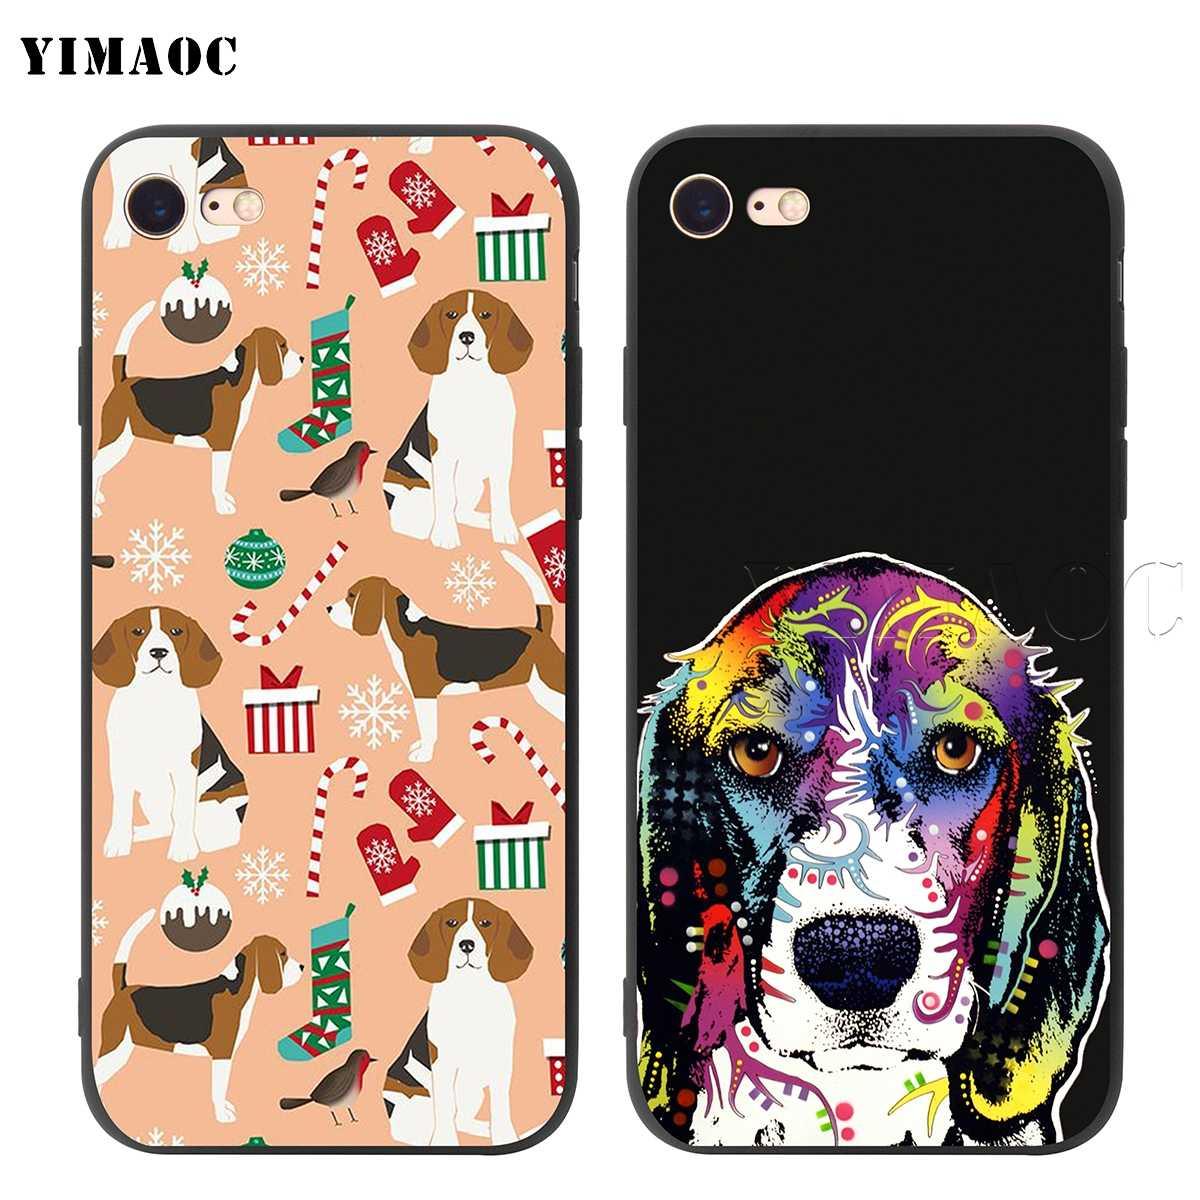 YIMAOC ビーグル犬 Iphone 5 11 プロ XS 最大 XR × 8 7 6 6S プラス 5 5S 、 SE